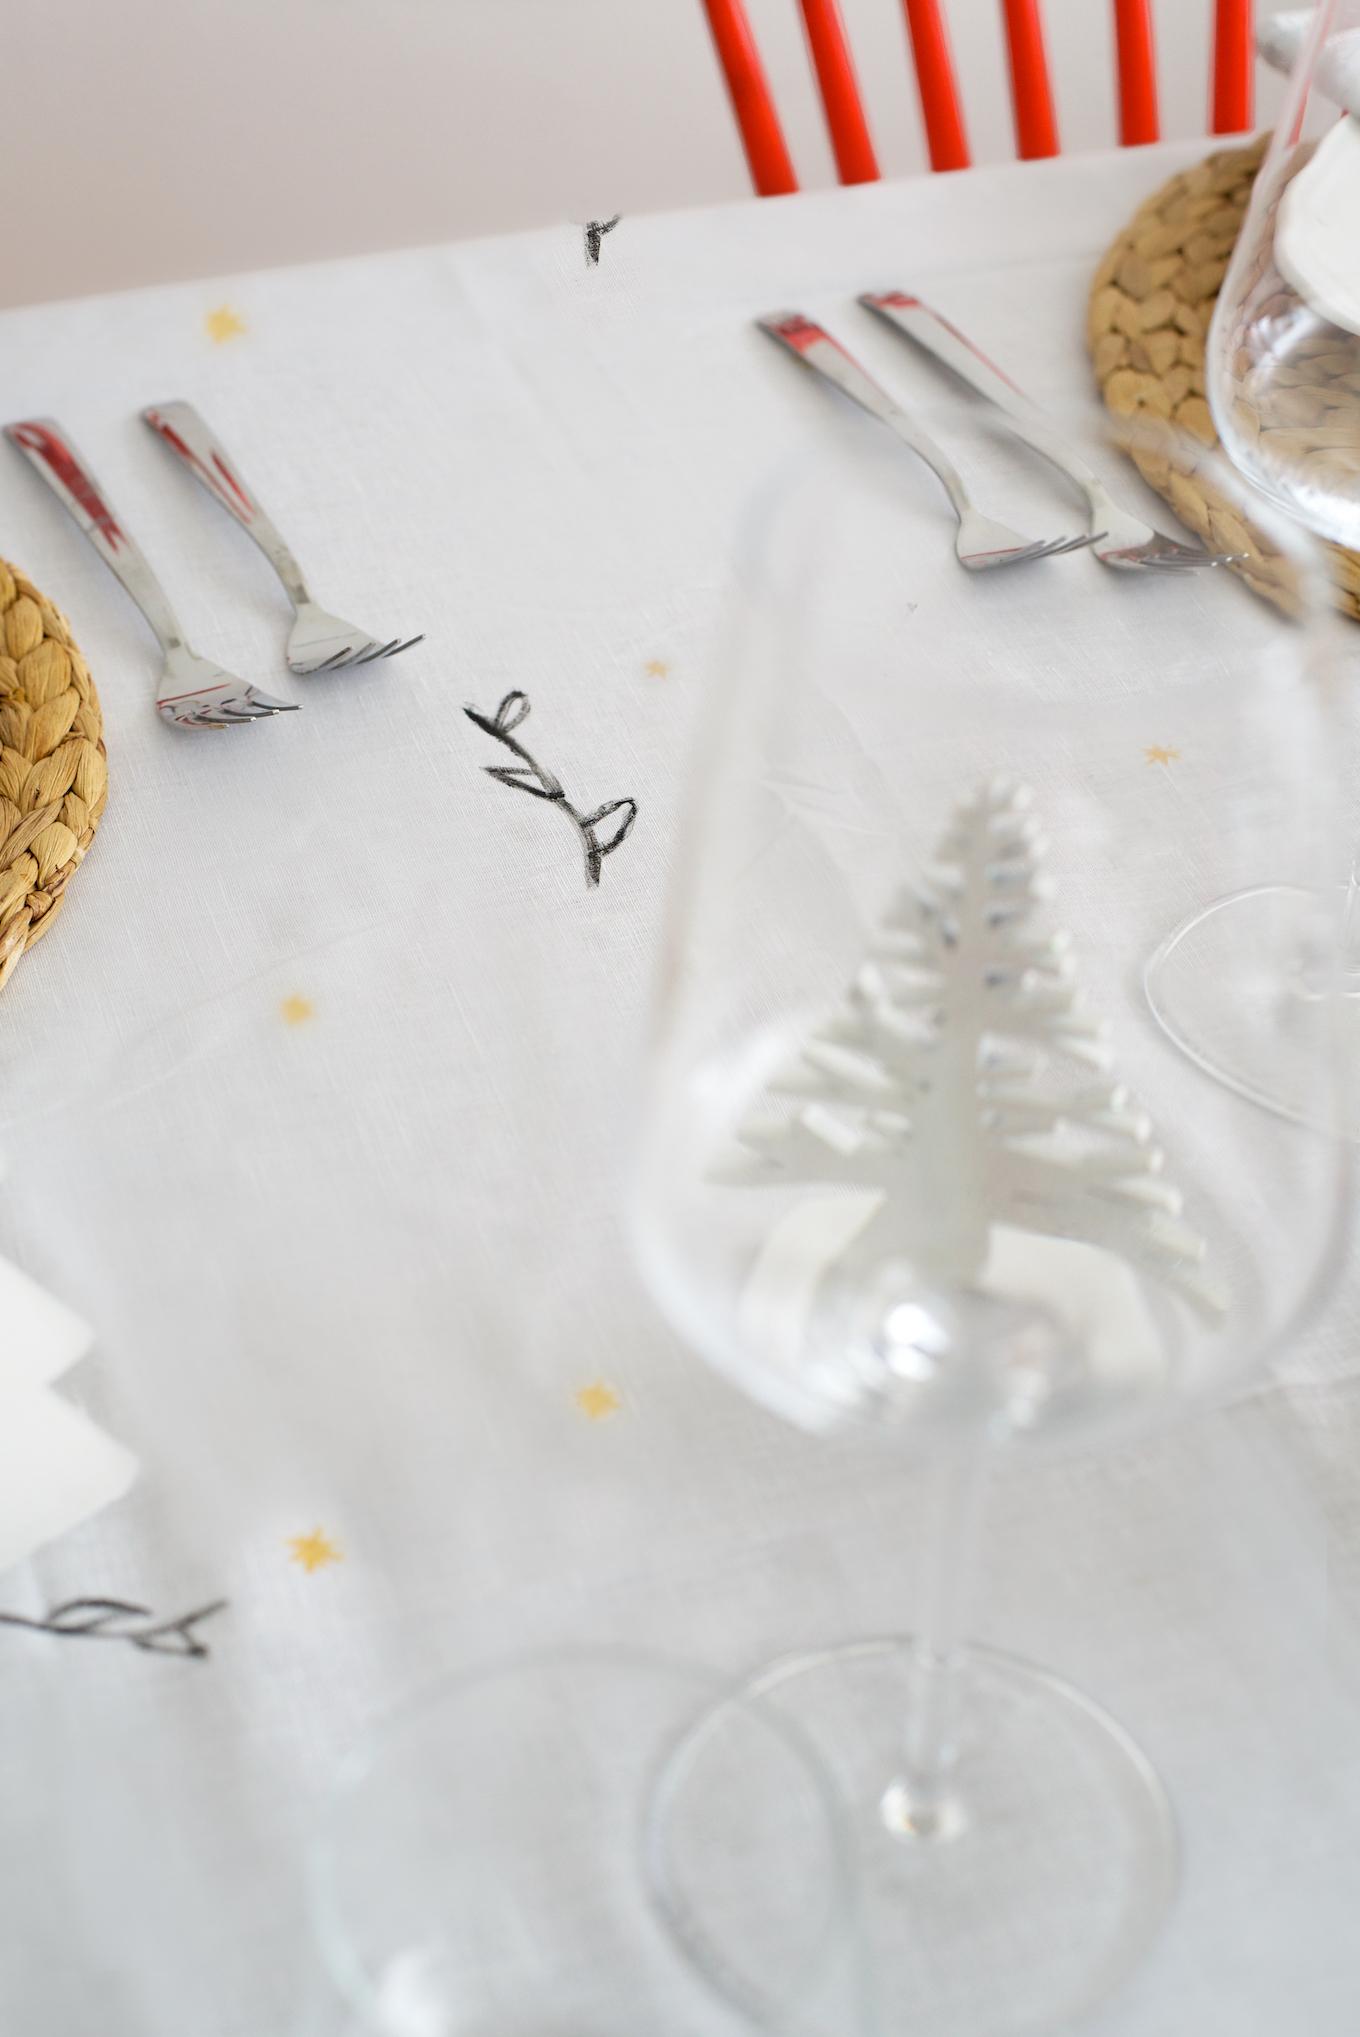 kersttafelkleed maken (6)